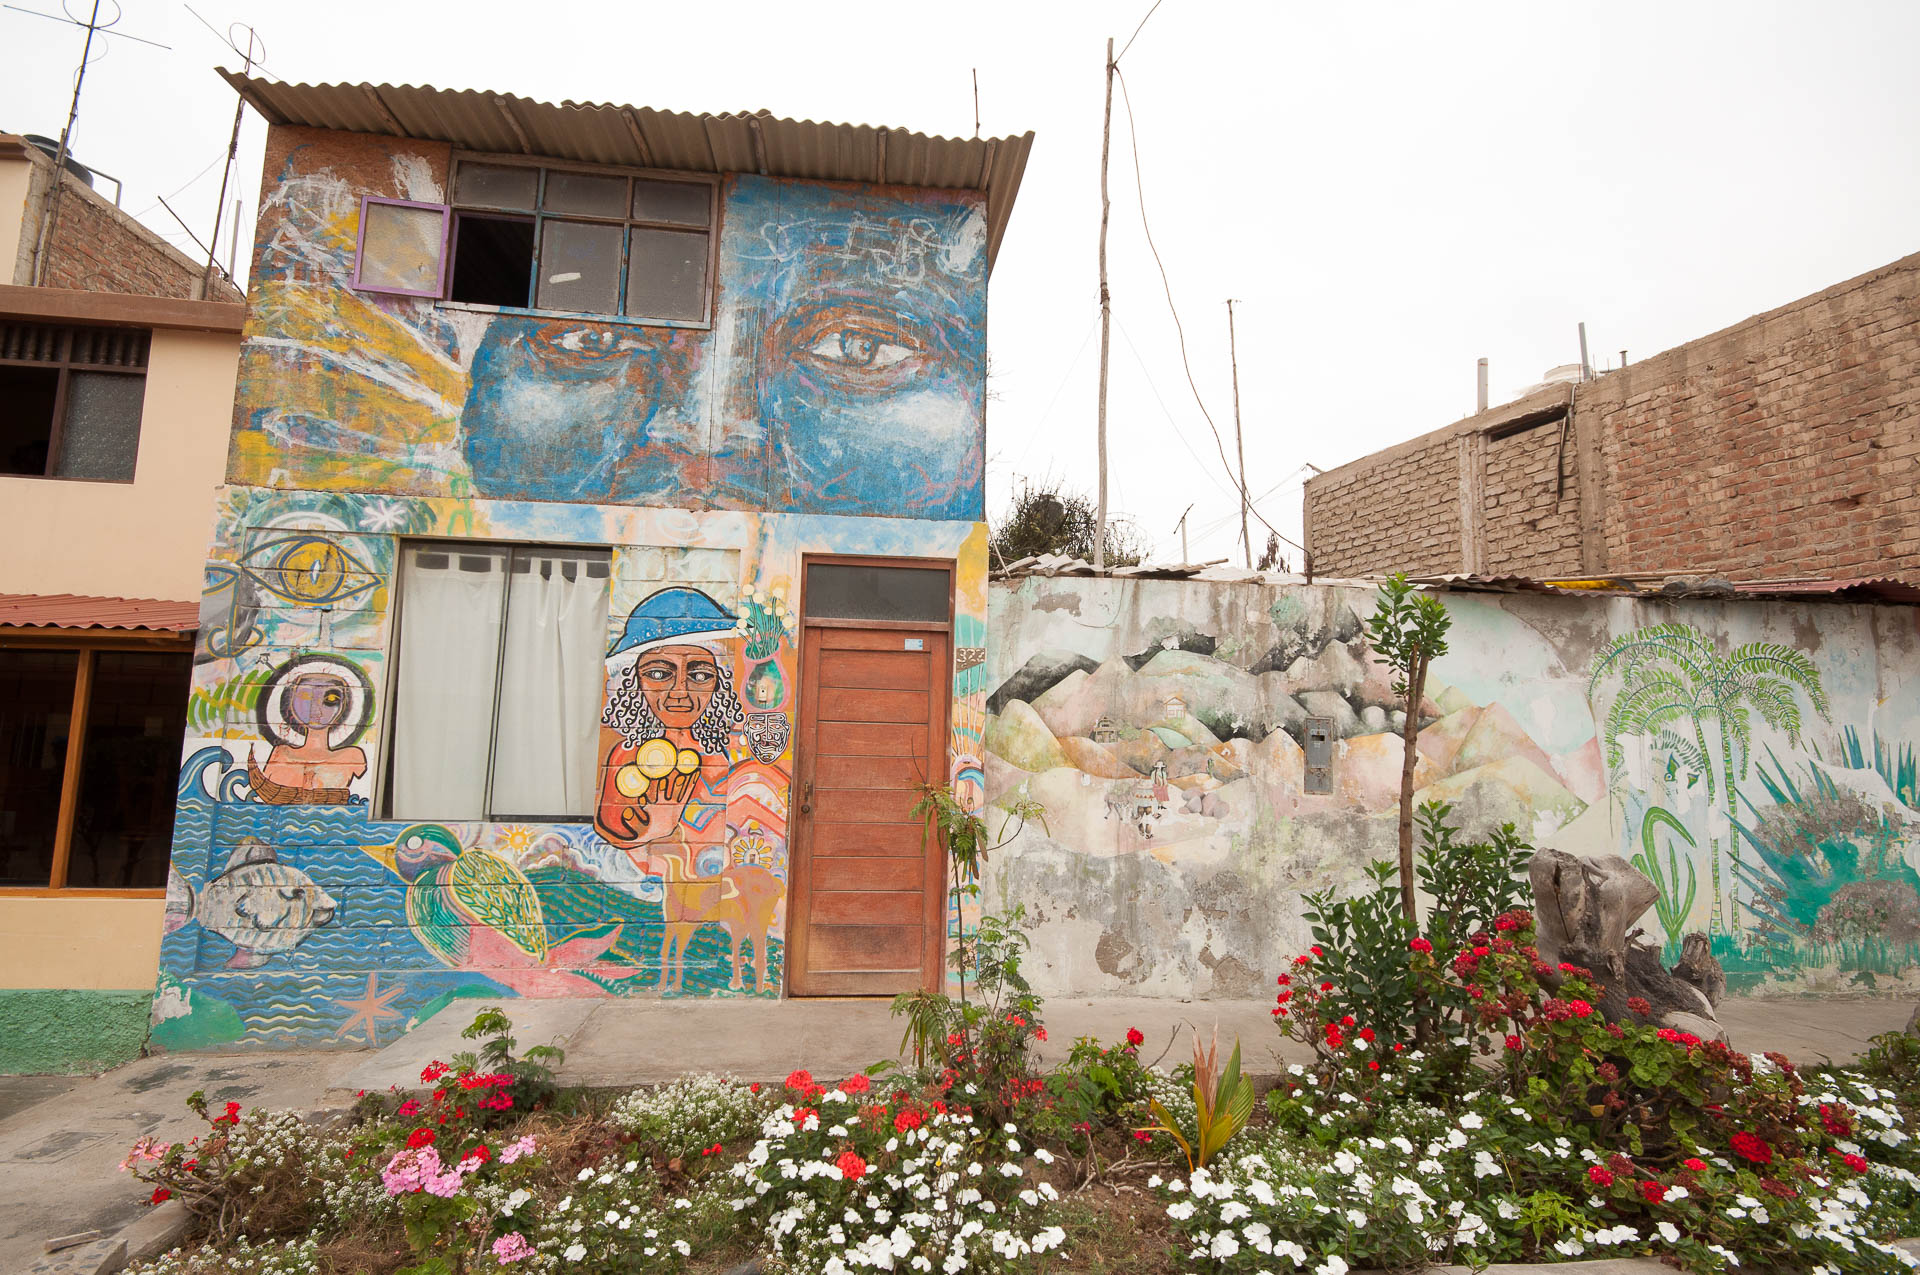 Huanchaco maison luis - Les globe blogueurs - blog voyage nature